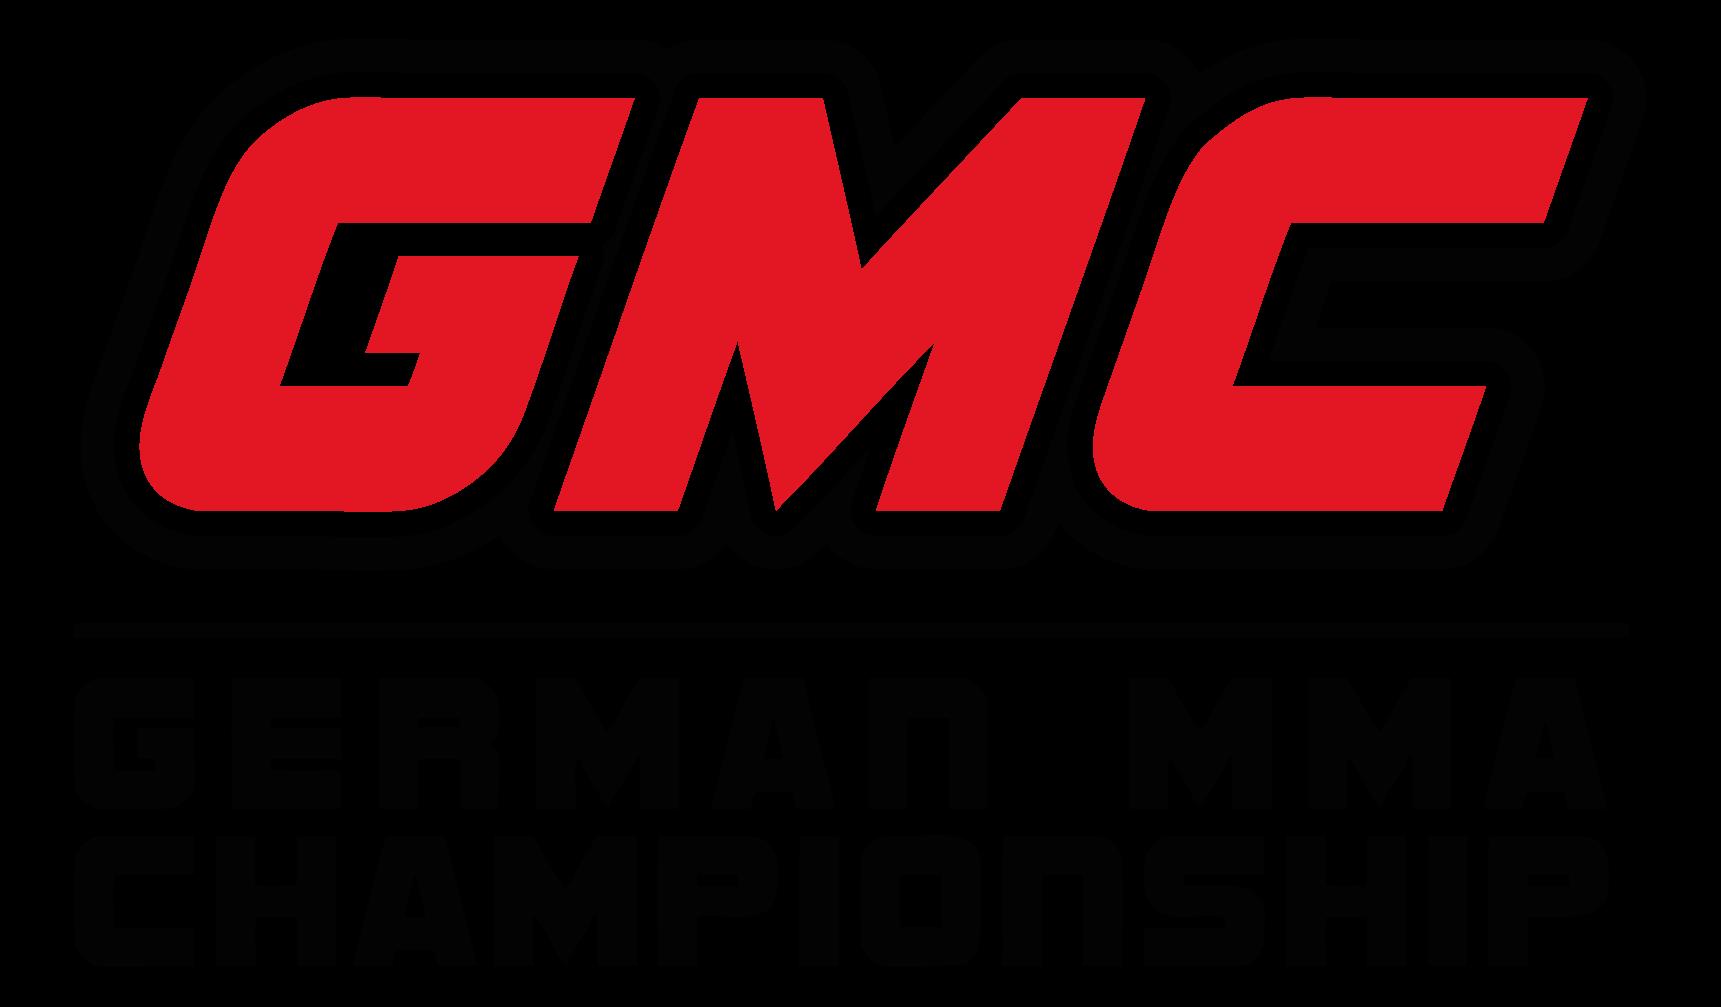 Logo der MMA & Kampfsport Veranstaltung German MMA Championship, GMC MMA. Größtes europäisches MMA-Event von Ranfighting/PROsieben und Partner von FEFLOGX Sportswear.